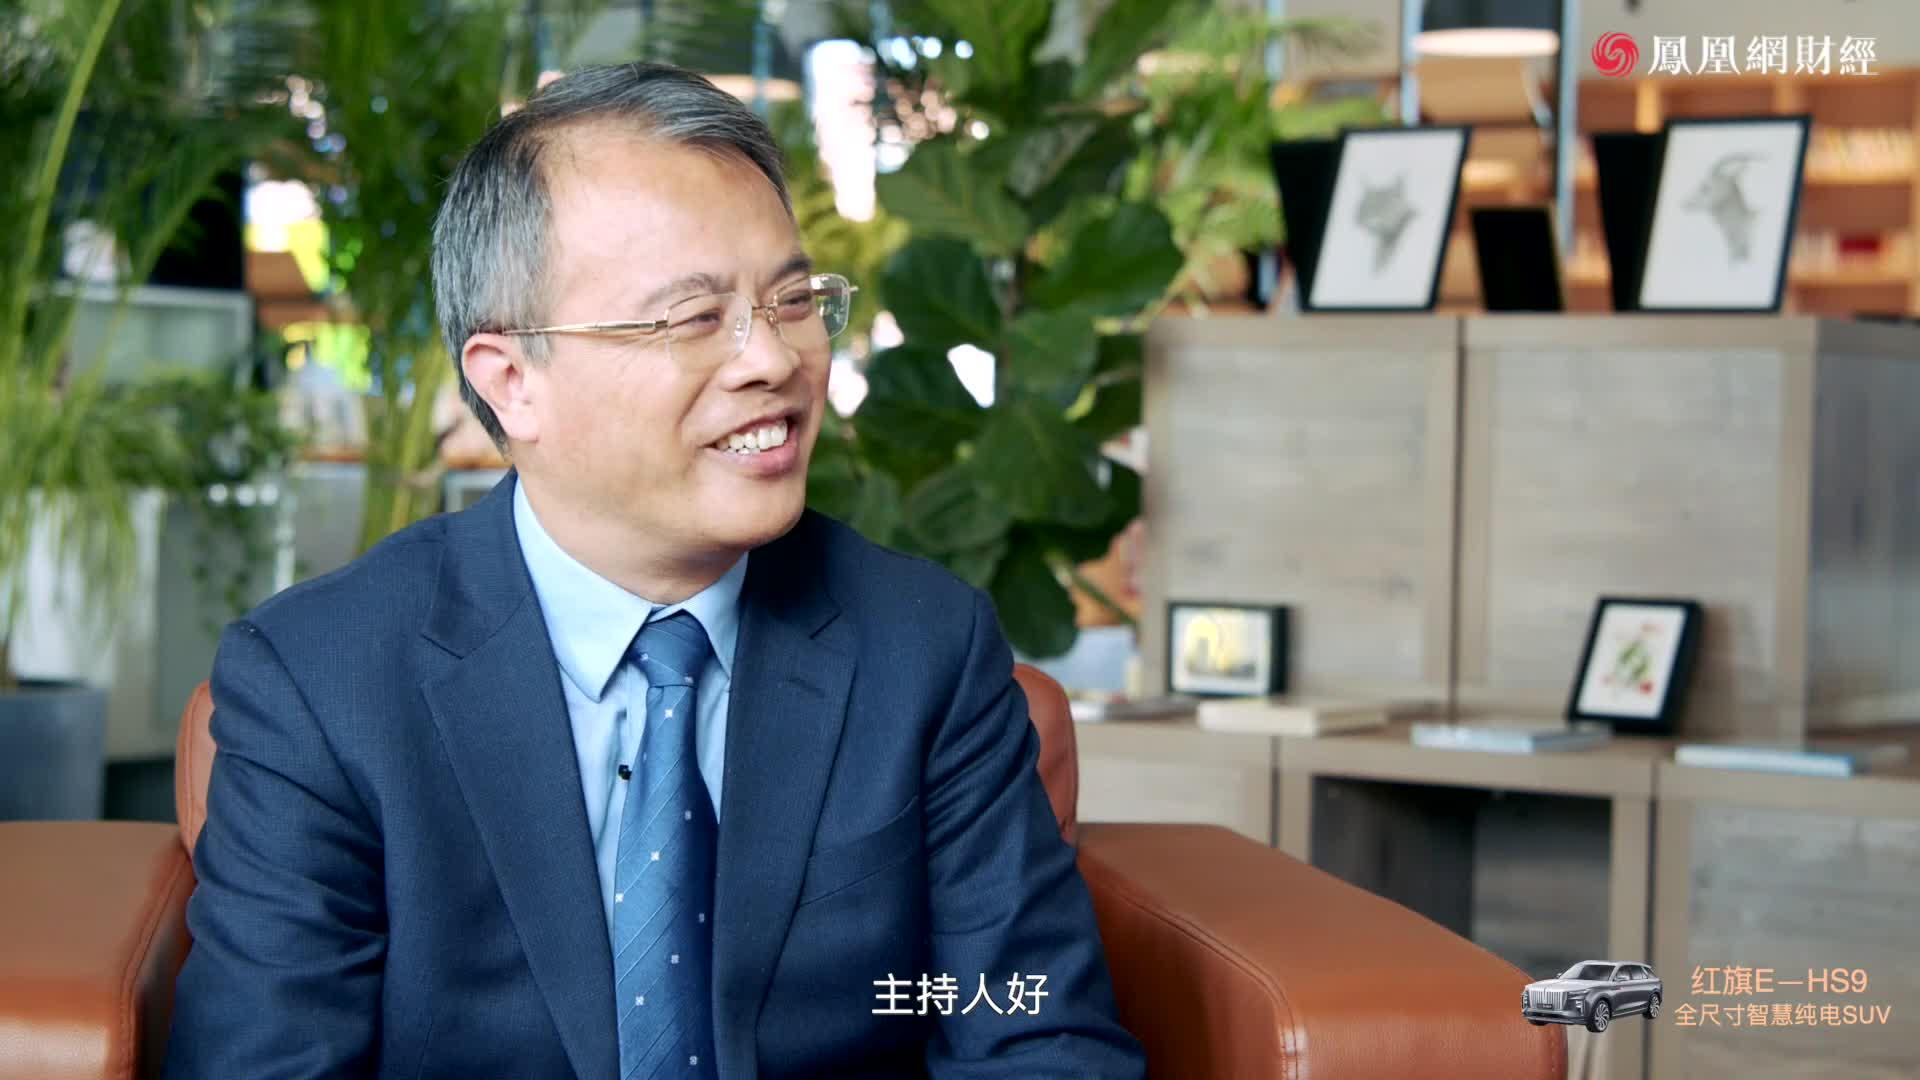 凰家会客厅丨对话同济大学汽车学院原院长余卓平